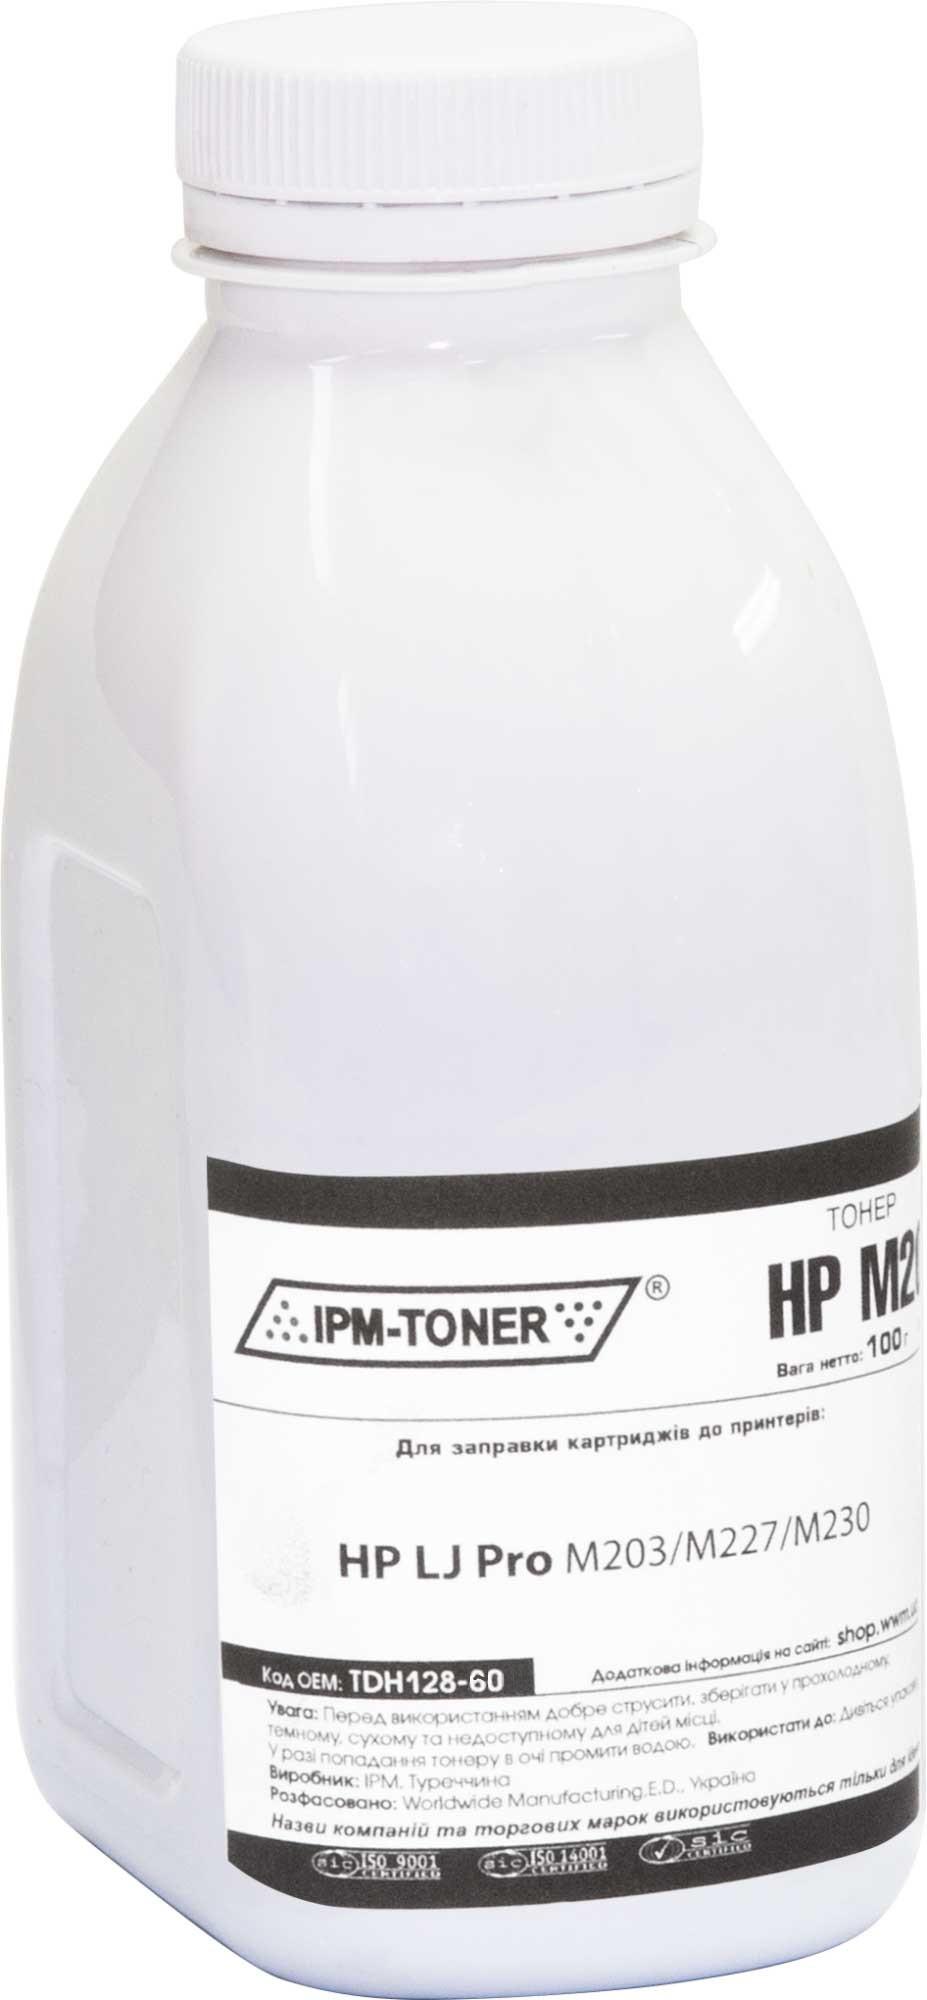 Купить Тонер IPM for HP LJ Pro M203/M227/M230 Black бутль 60g, TDH128-60